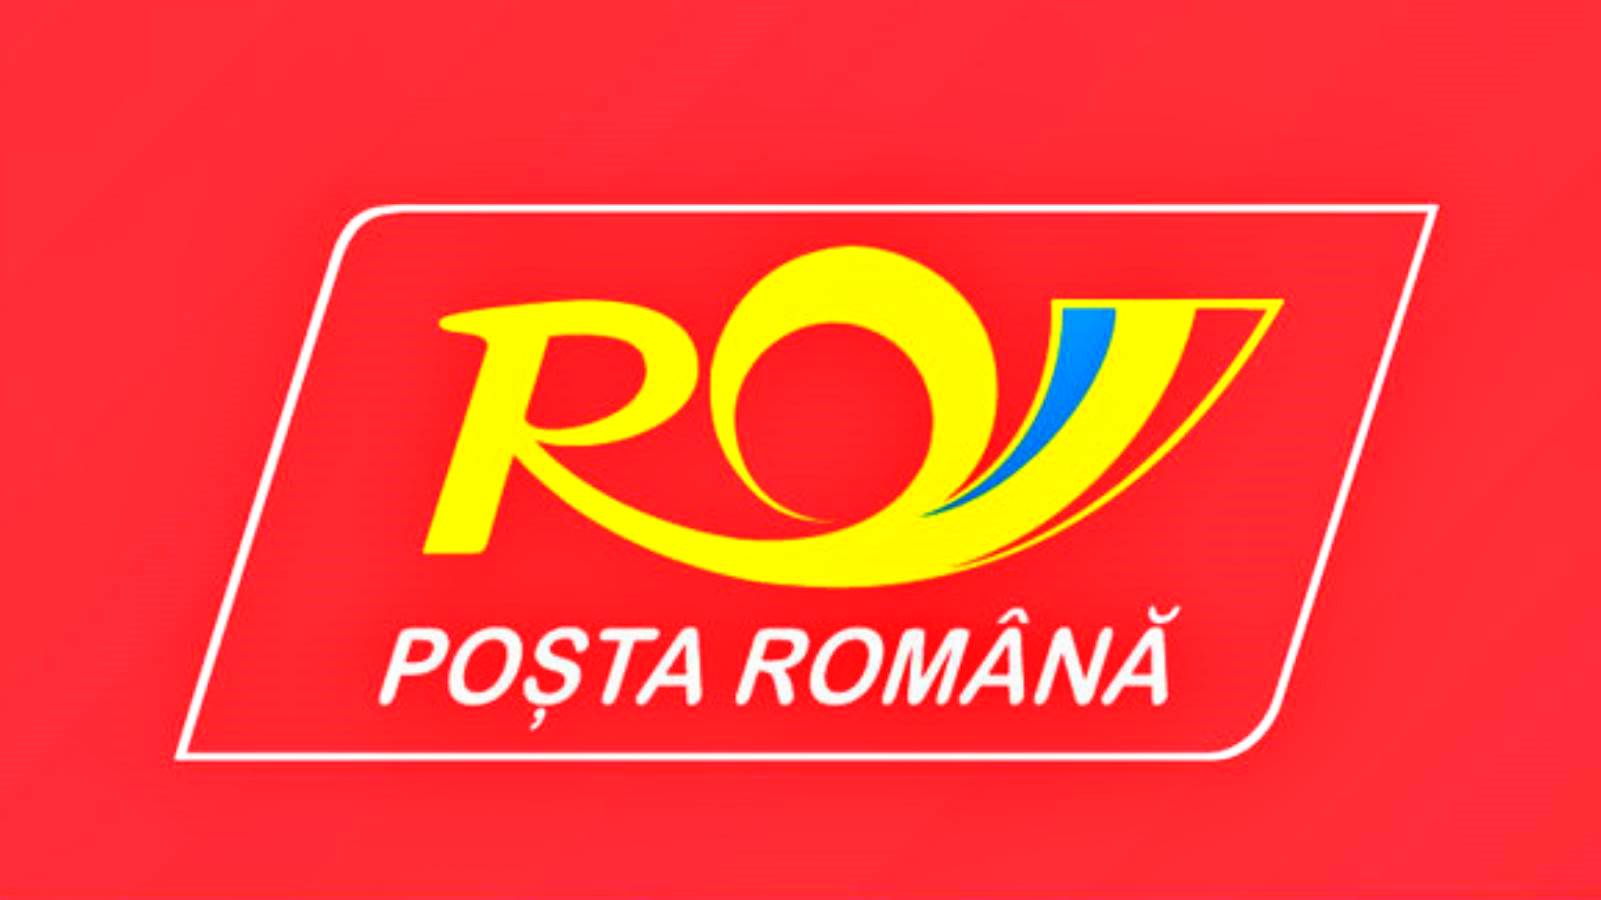 Posta Romana Atentionarea Importanta pentru Multi Romani